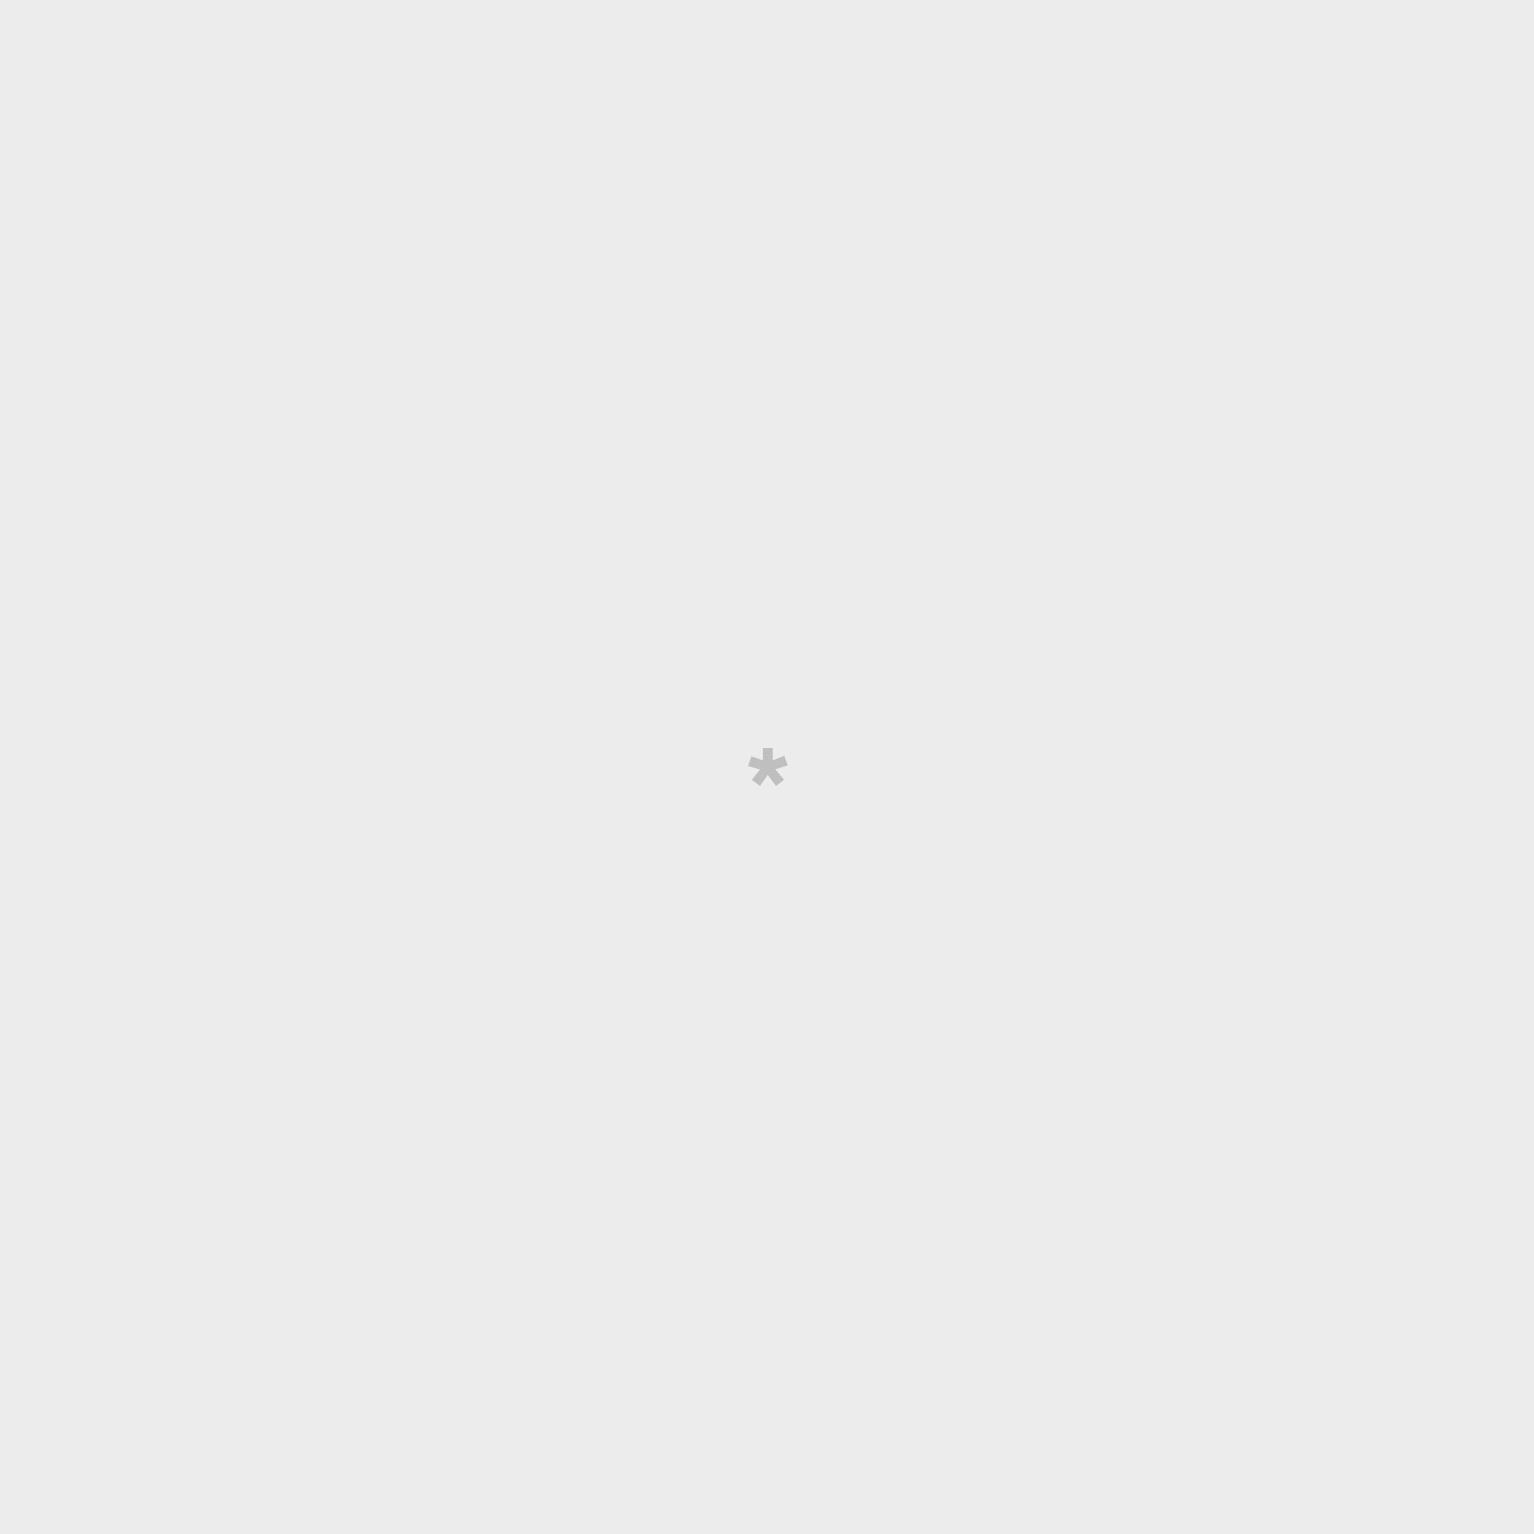 Quaderno - Il meglio inizia oggi